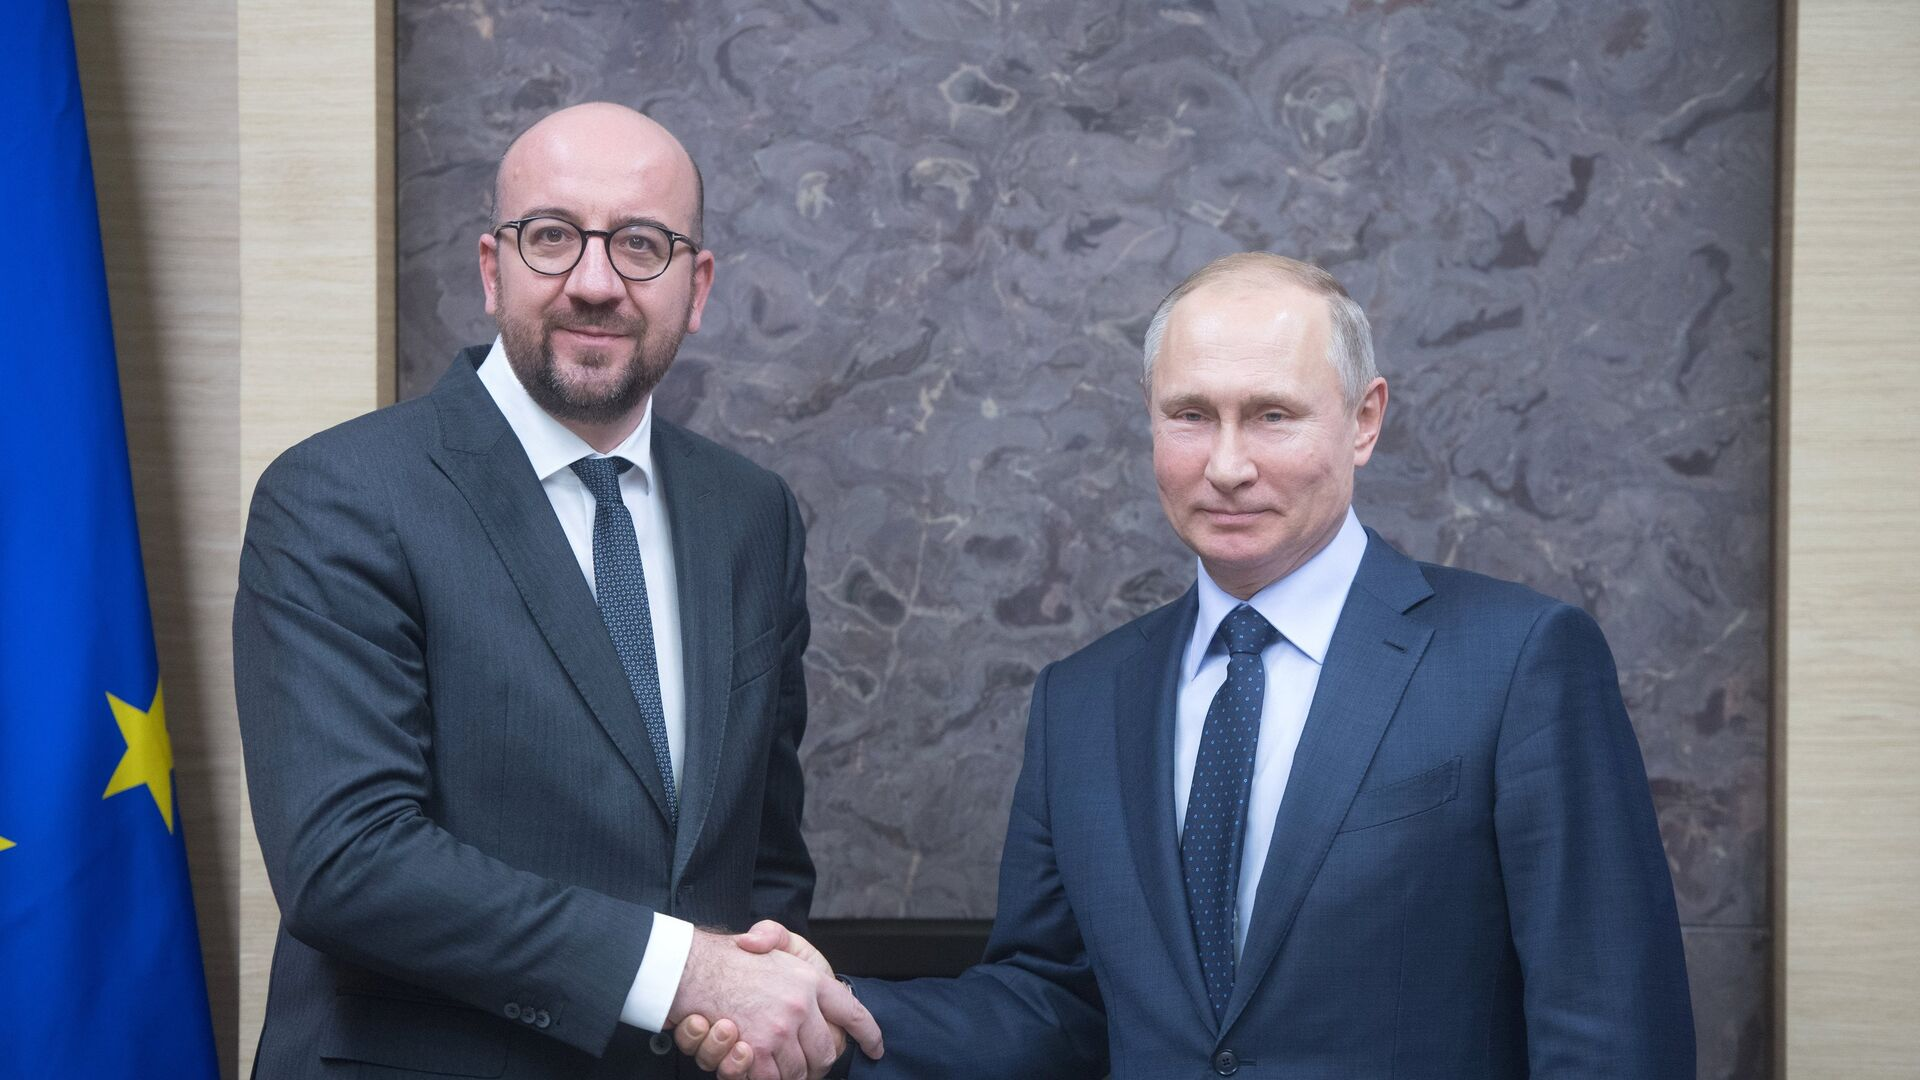 Президент РФ Владимир Путин и премьер-министр Бельгии Шарль Мишель во время встречи. 31 января 2018 - РИА Новости, 1920, 08.09.2021